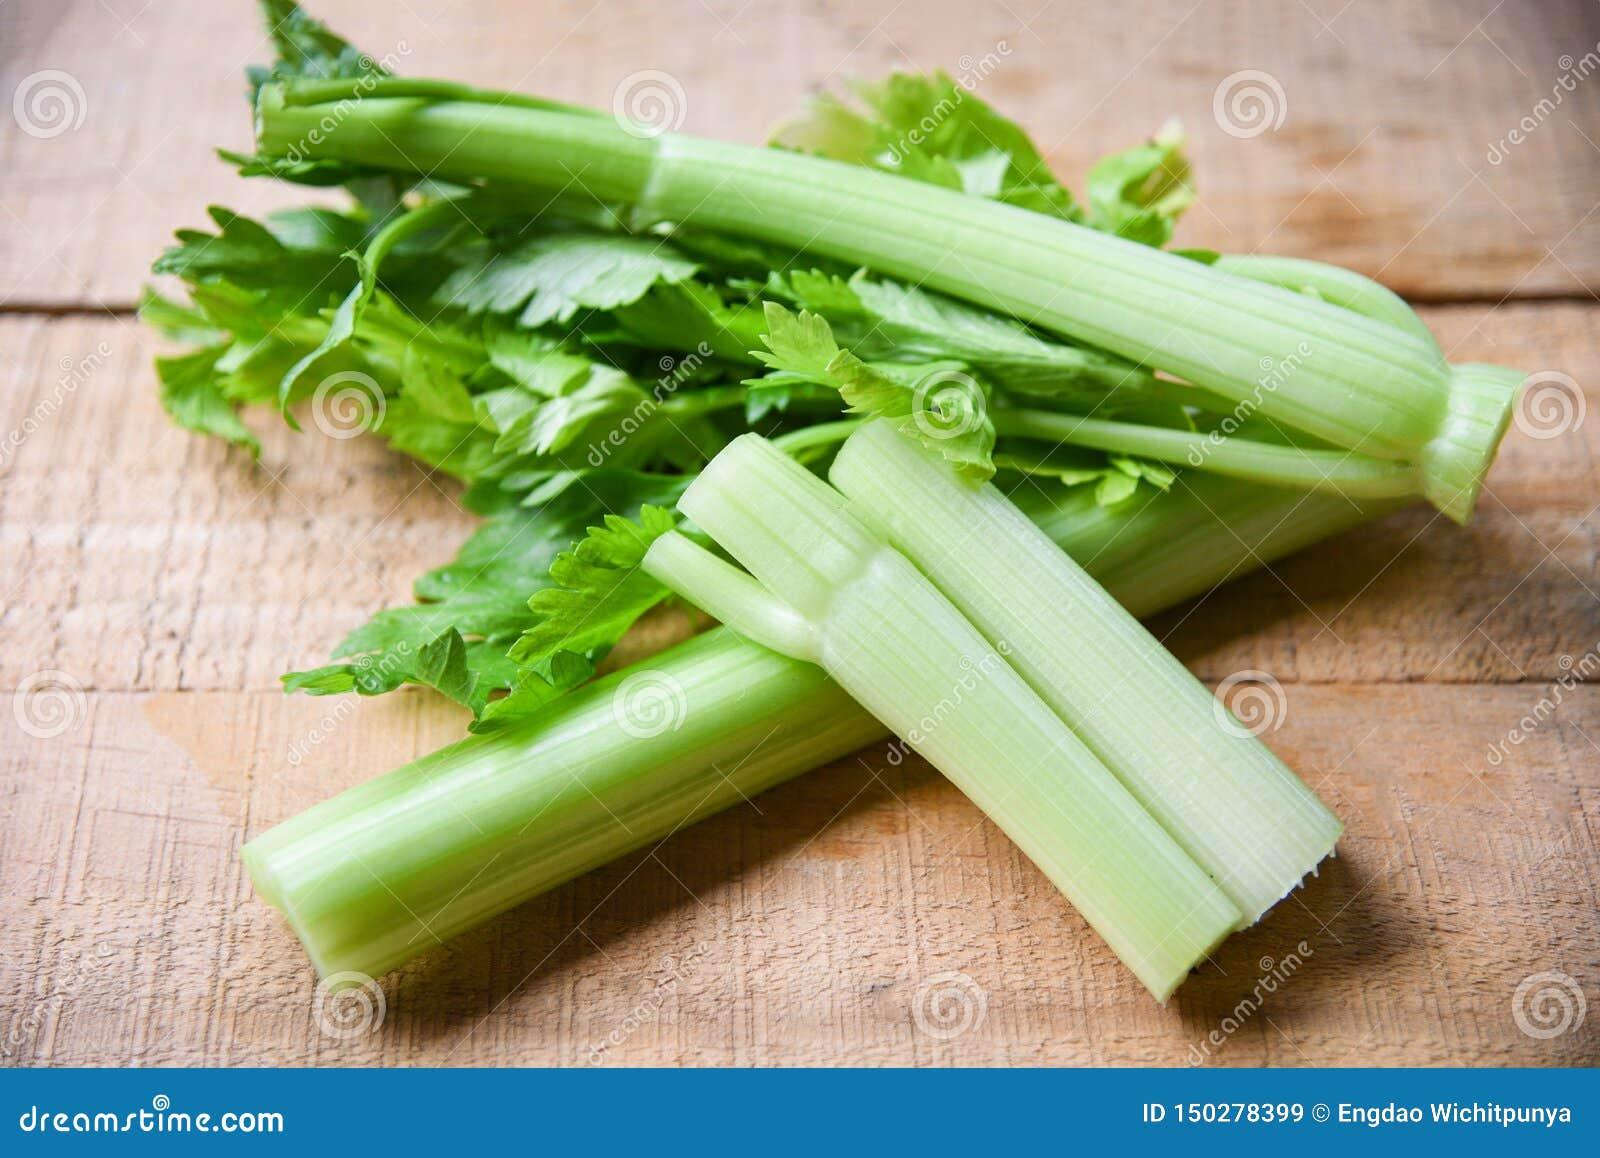 Celery sticks and leaf fresh vegetable - Bunch of celery stalk on wooden background